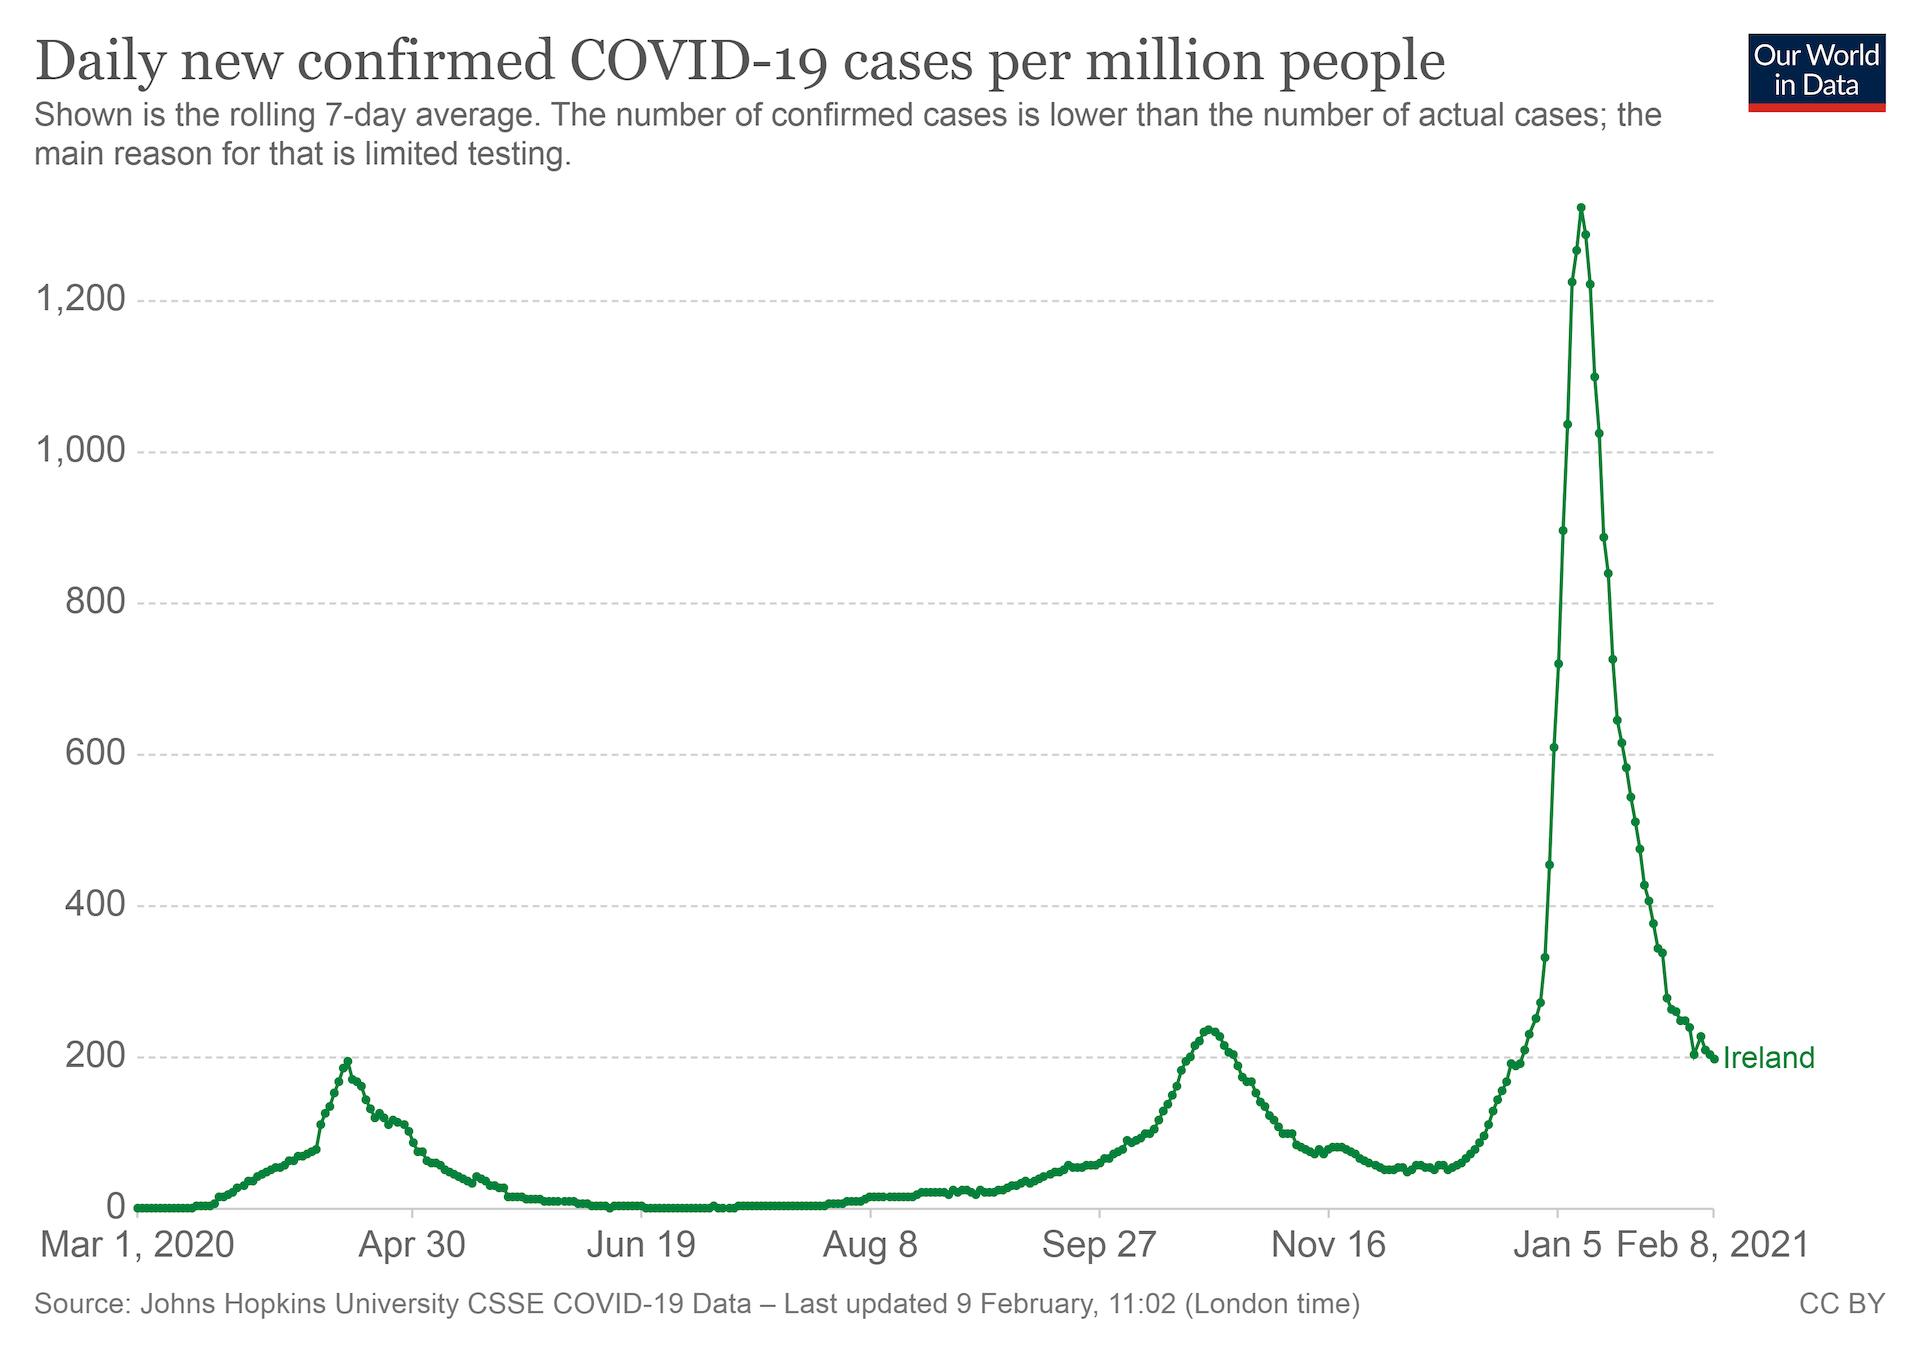 Gráfico de casos confirmados de COVID-19 en Irlanda por cada millón de habitantes.